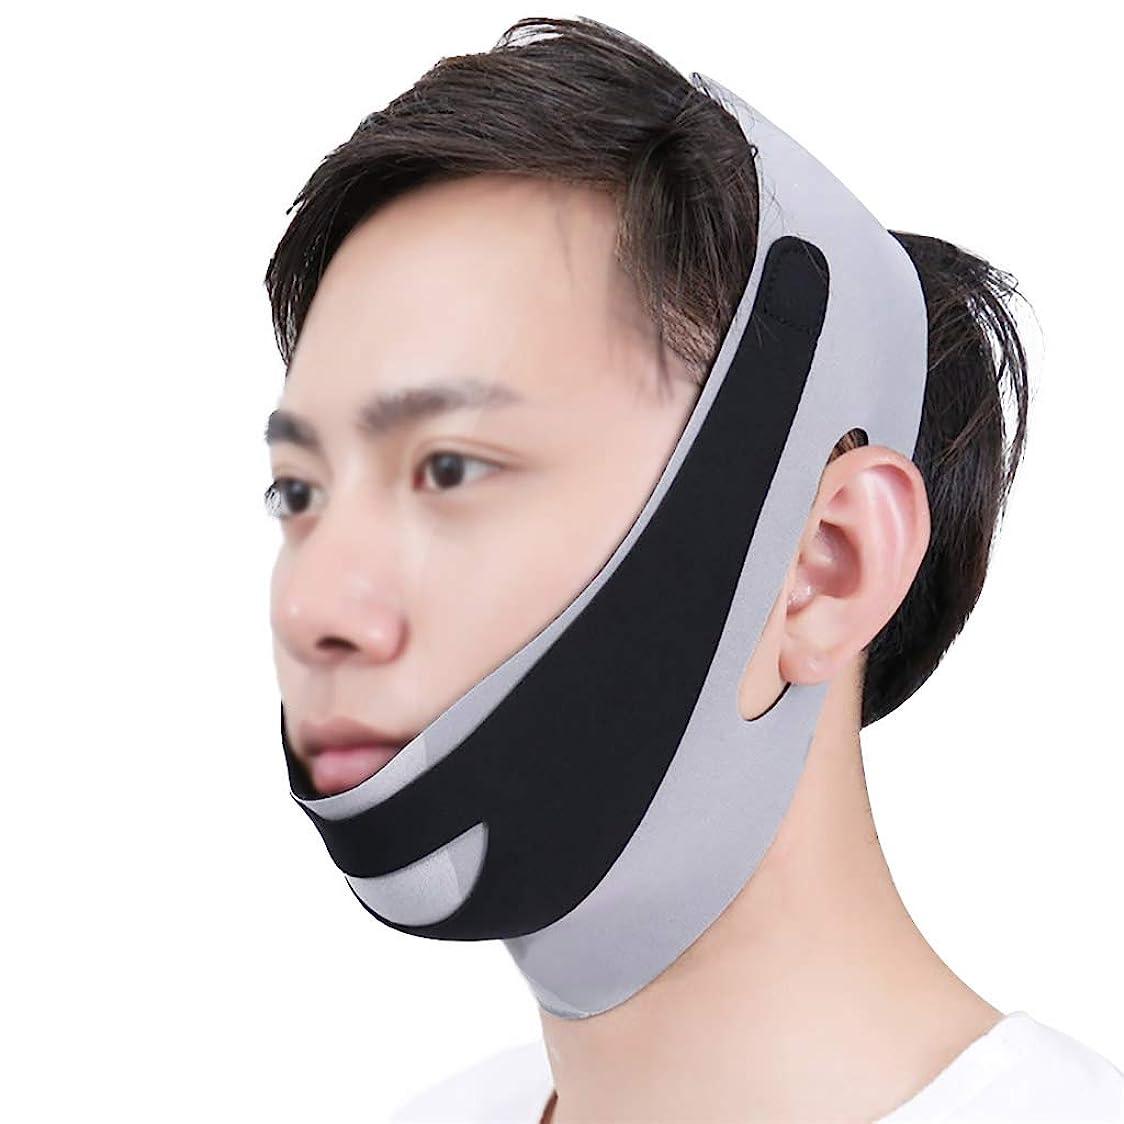 どれか合成合計顔と首リフト術後弾性顔マスク小さなV顔アーティファクト薄い顔包帯アーティファクトV顔吊り耳リフティング引き締め男性の顔アーティファクト